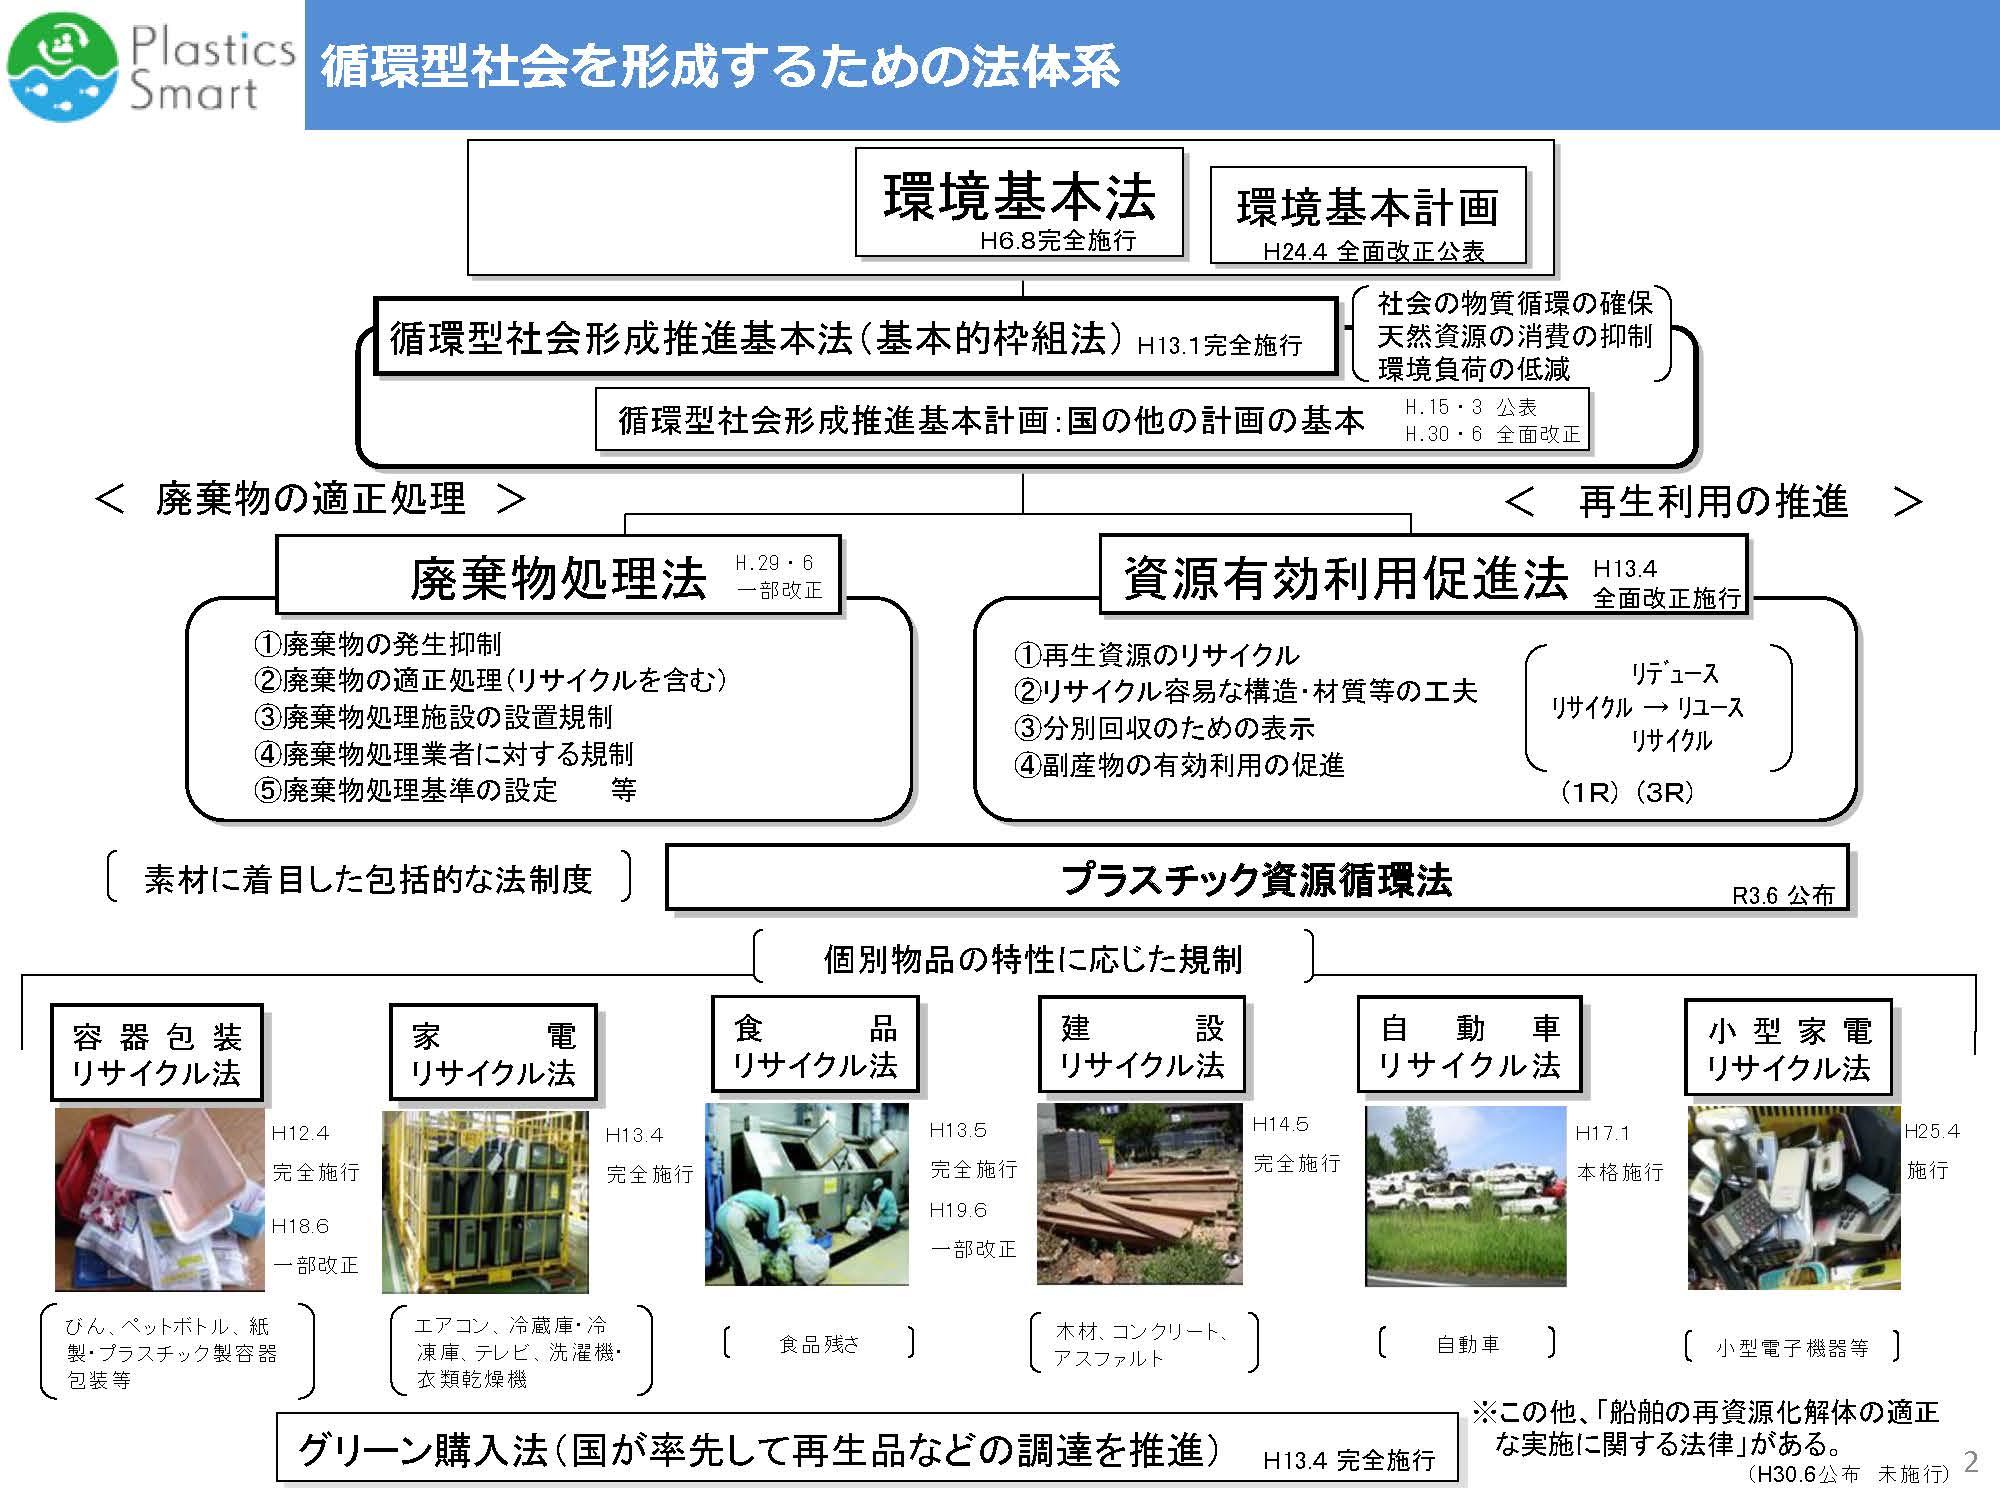 循環型社会形成推進基本法(2000年6月2日法律第110号) - 行政書士事務 ...